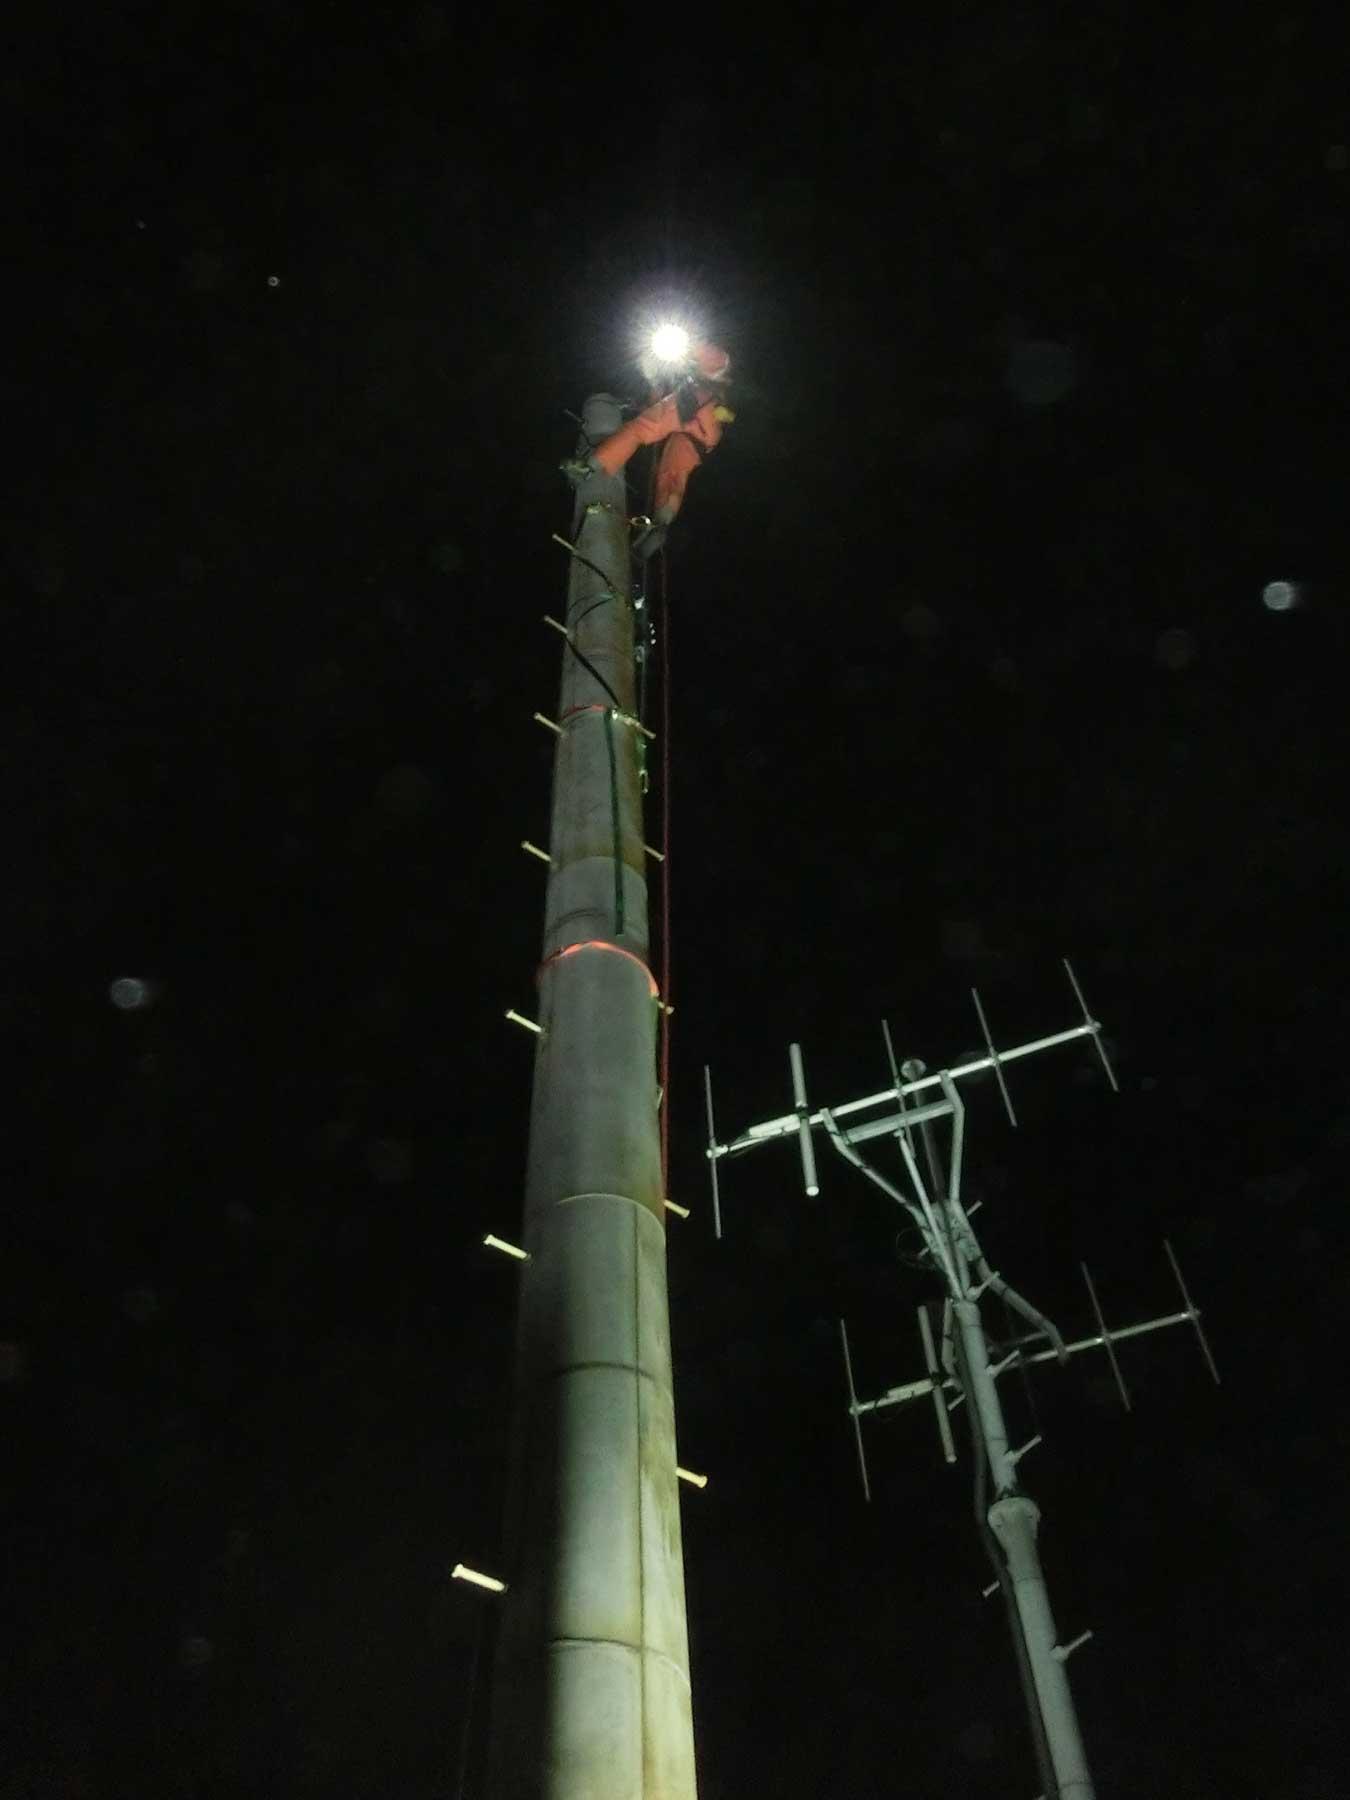 夜間のパンザマスト解体工事:千葉県千葉市